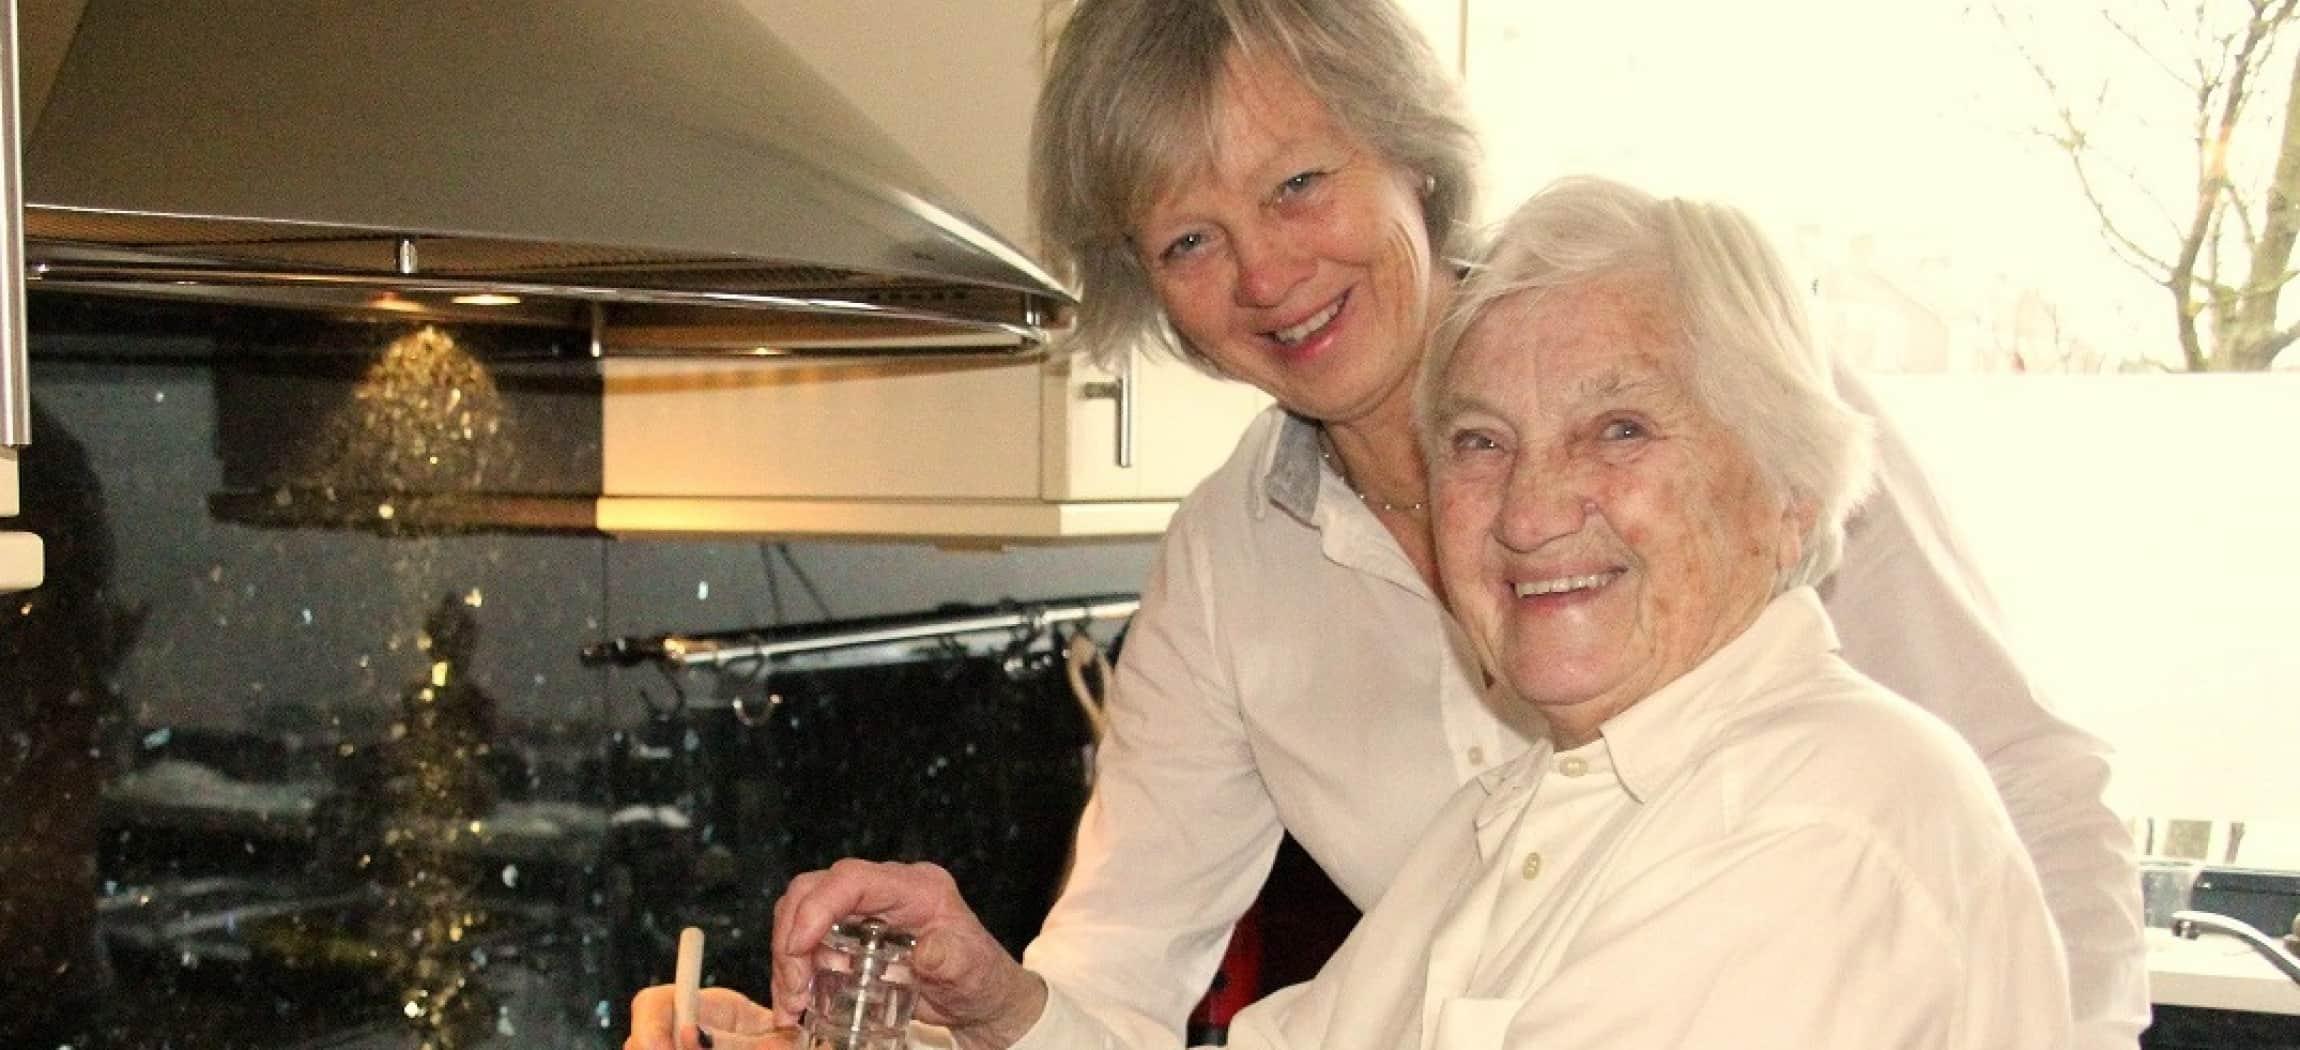 Twee oudere vrouwen in keuken met witte blouses